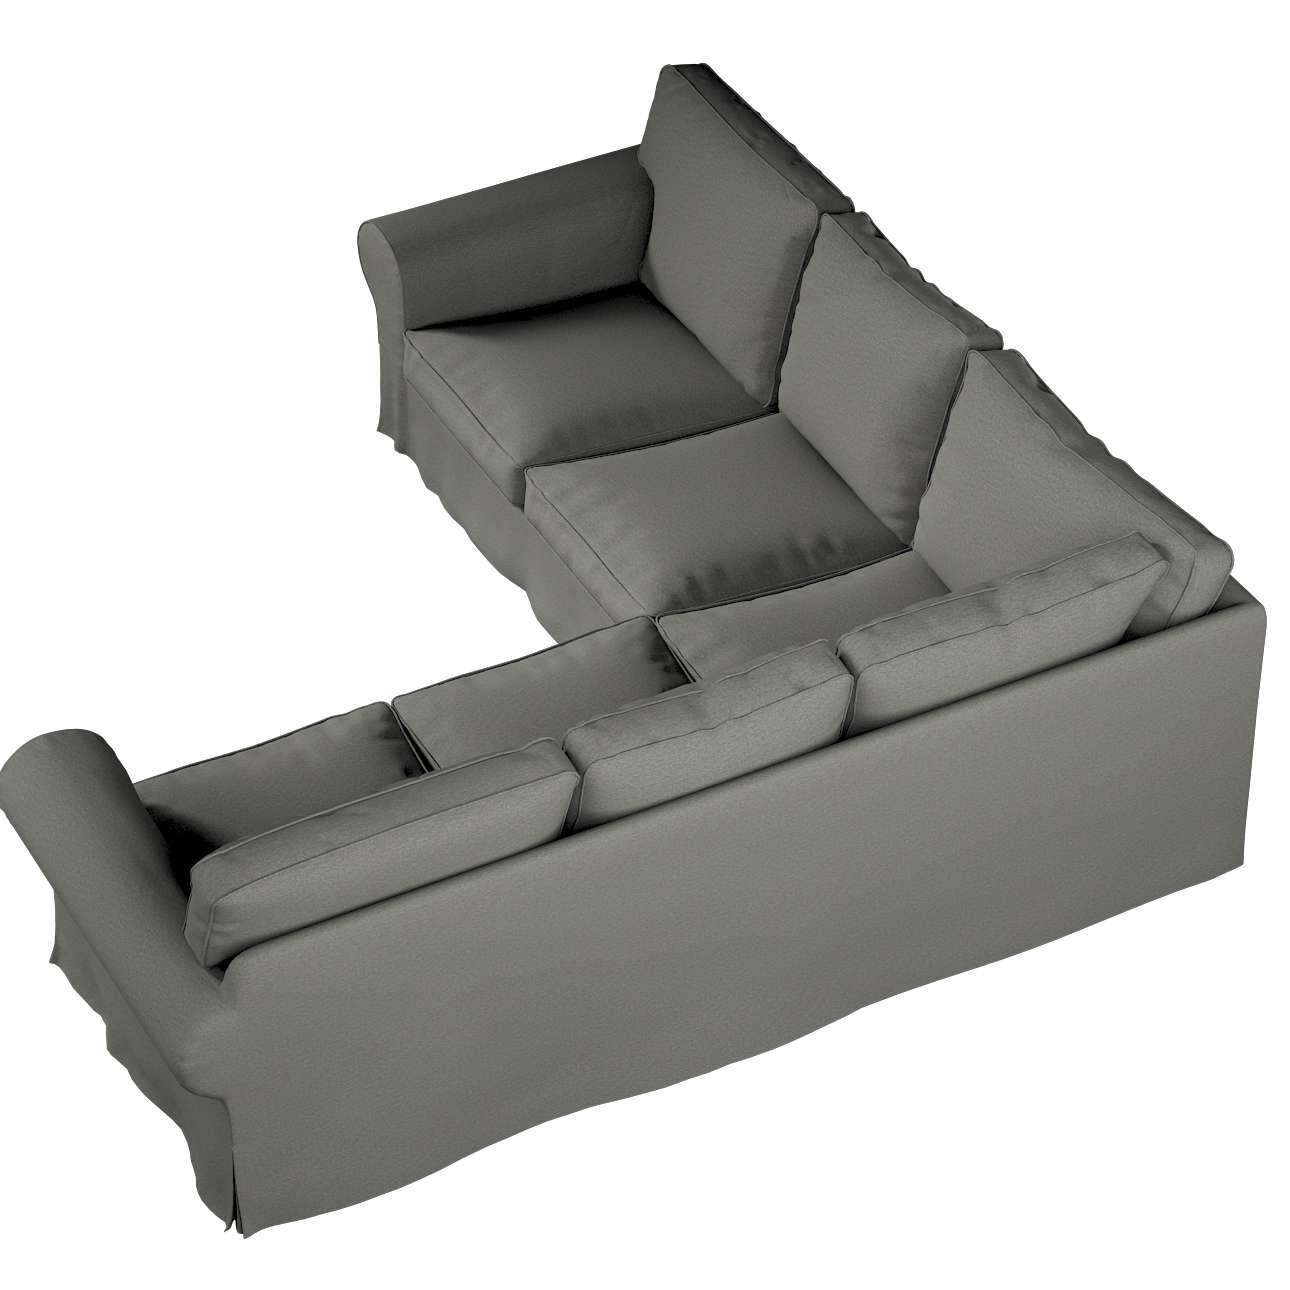 Pokrowiec na sofę narożną Ektorp w kolekcji Etna, tkanina: 161-25